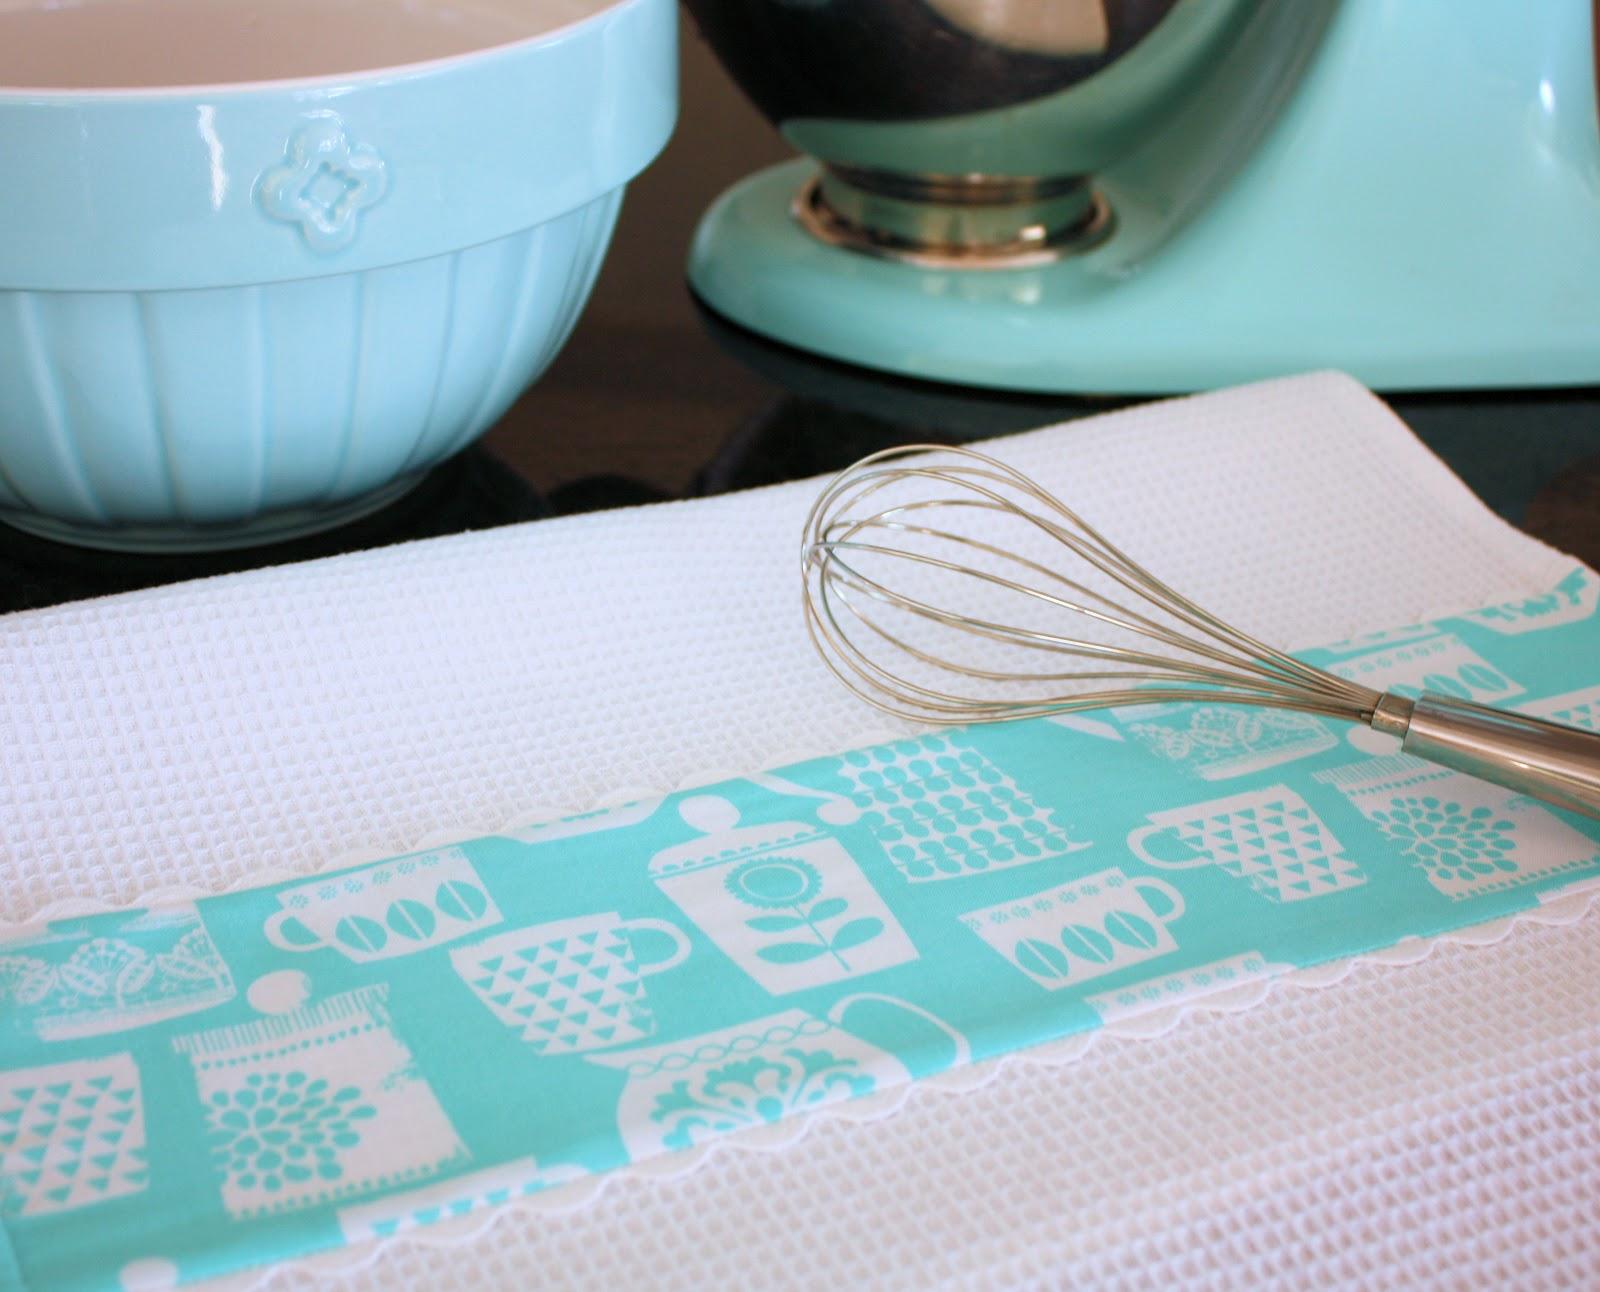 Tea Towels - A Spoonful of Sugar